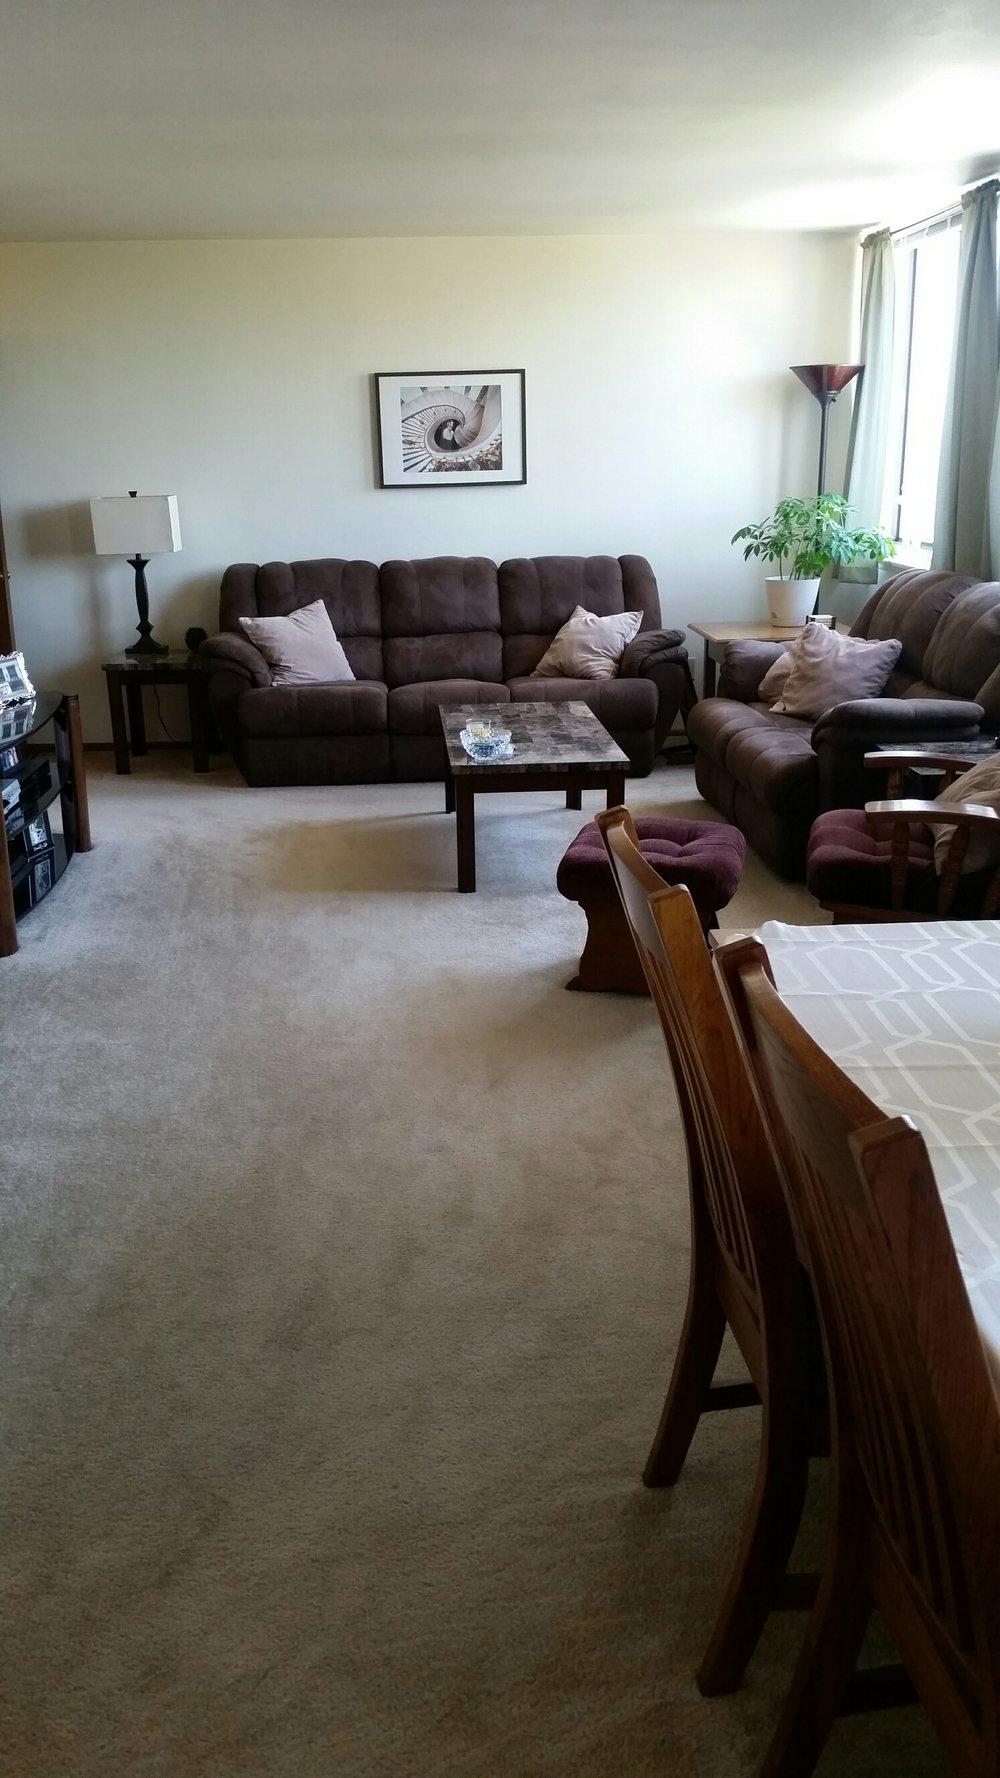 3939 402 living room.jpg